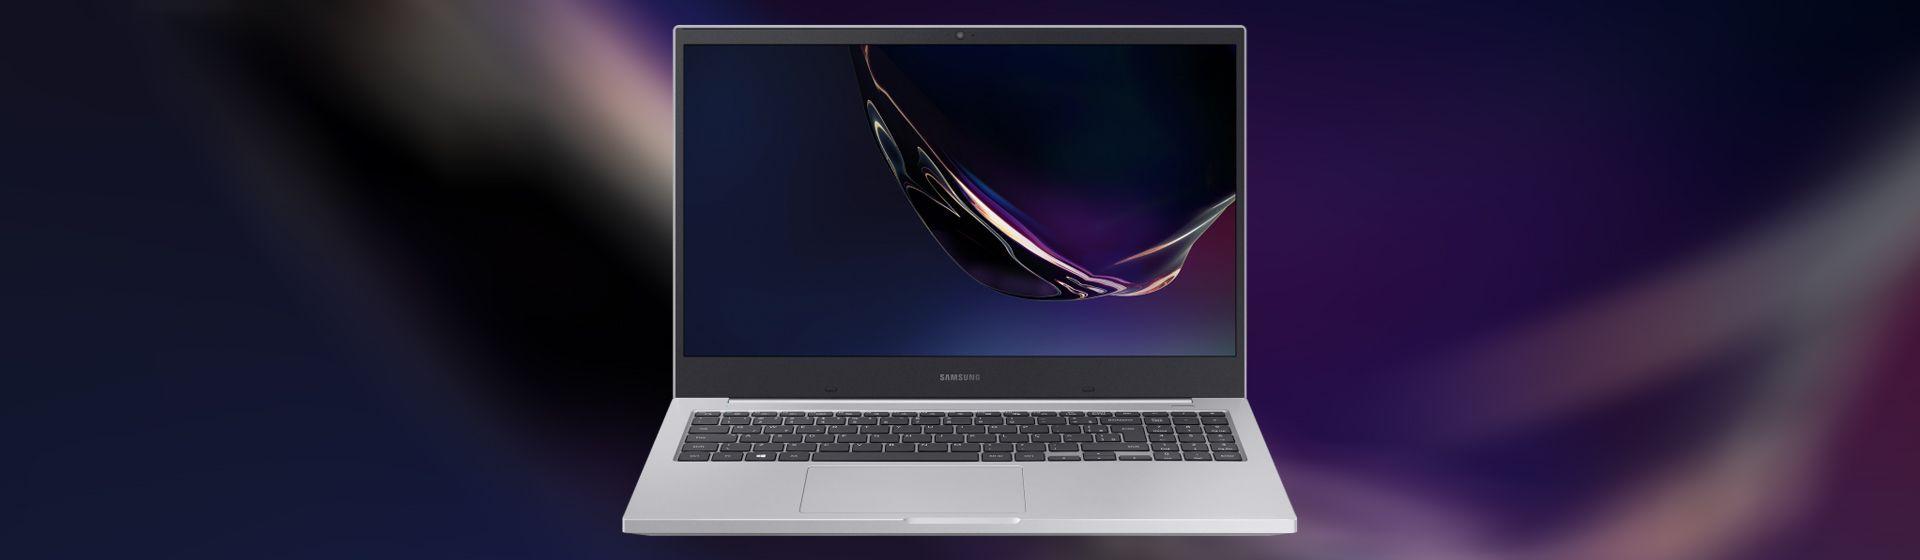 Samsung Book: saiba modelos e preços da nova linha de notebooks